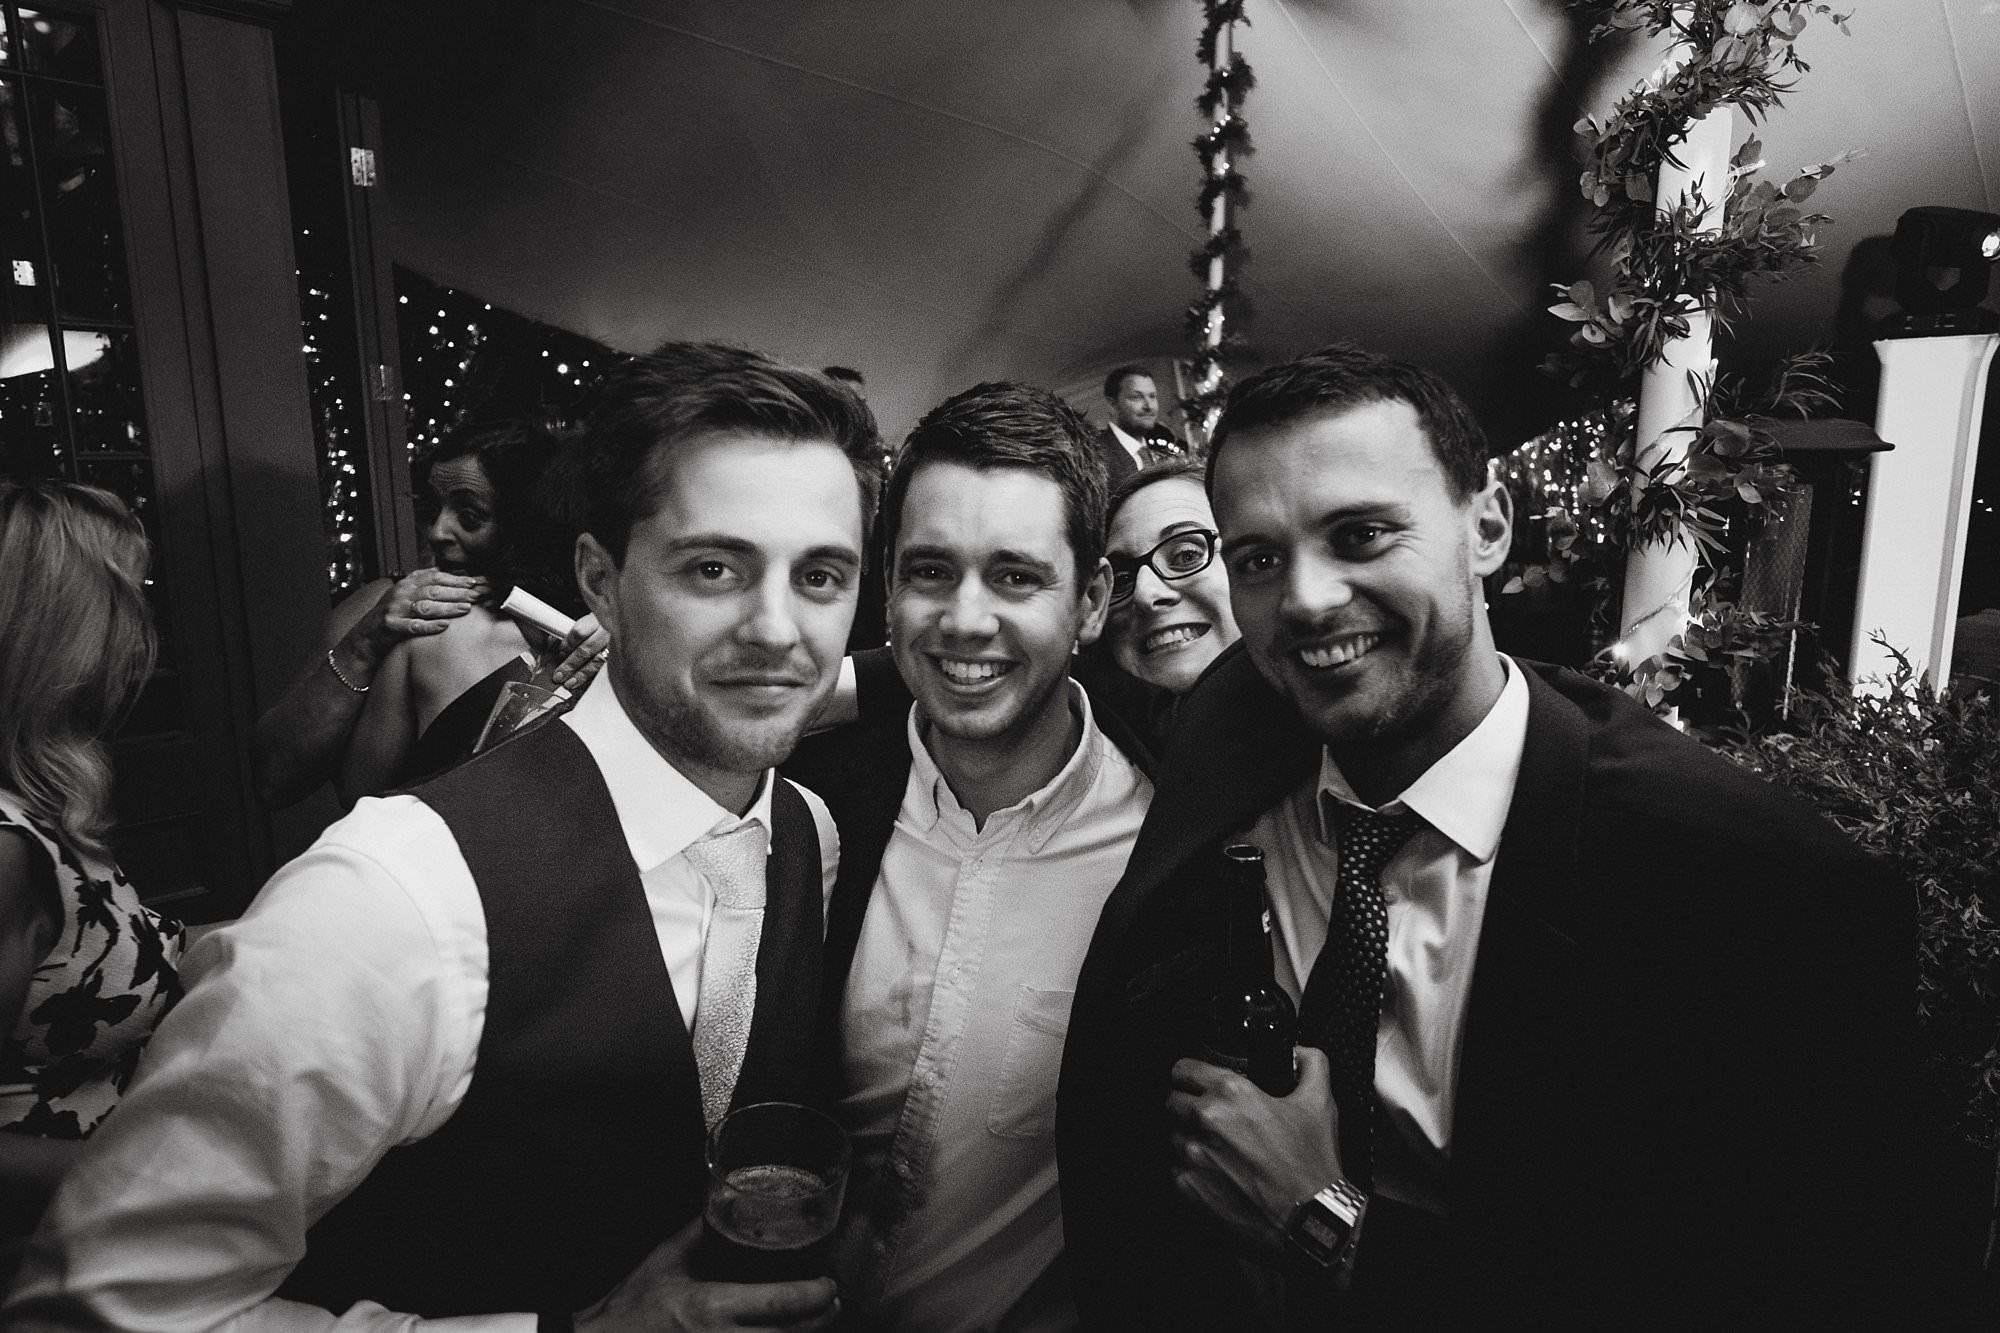 ashtead london wedding photographer 076 - Rachel & Jonny's Ashtead Wedding